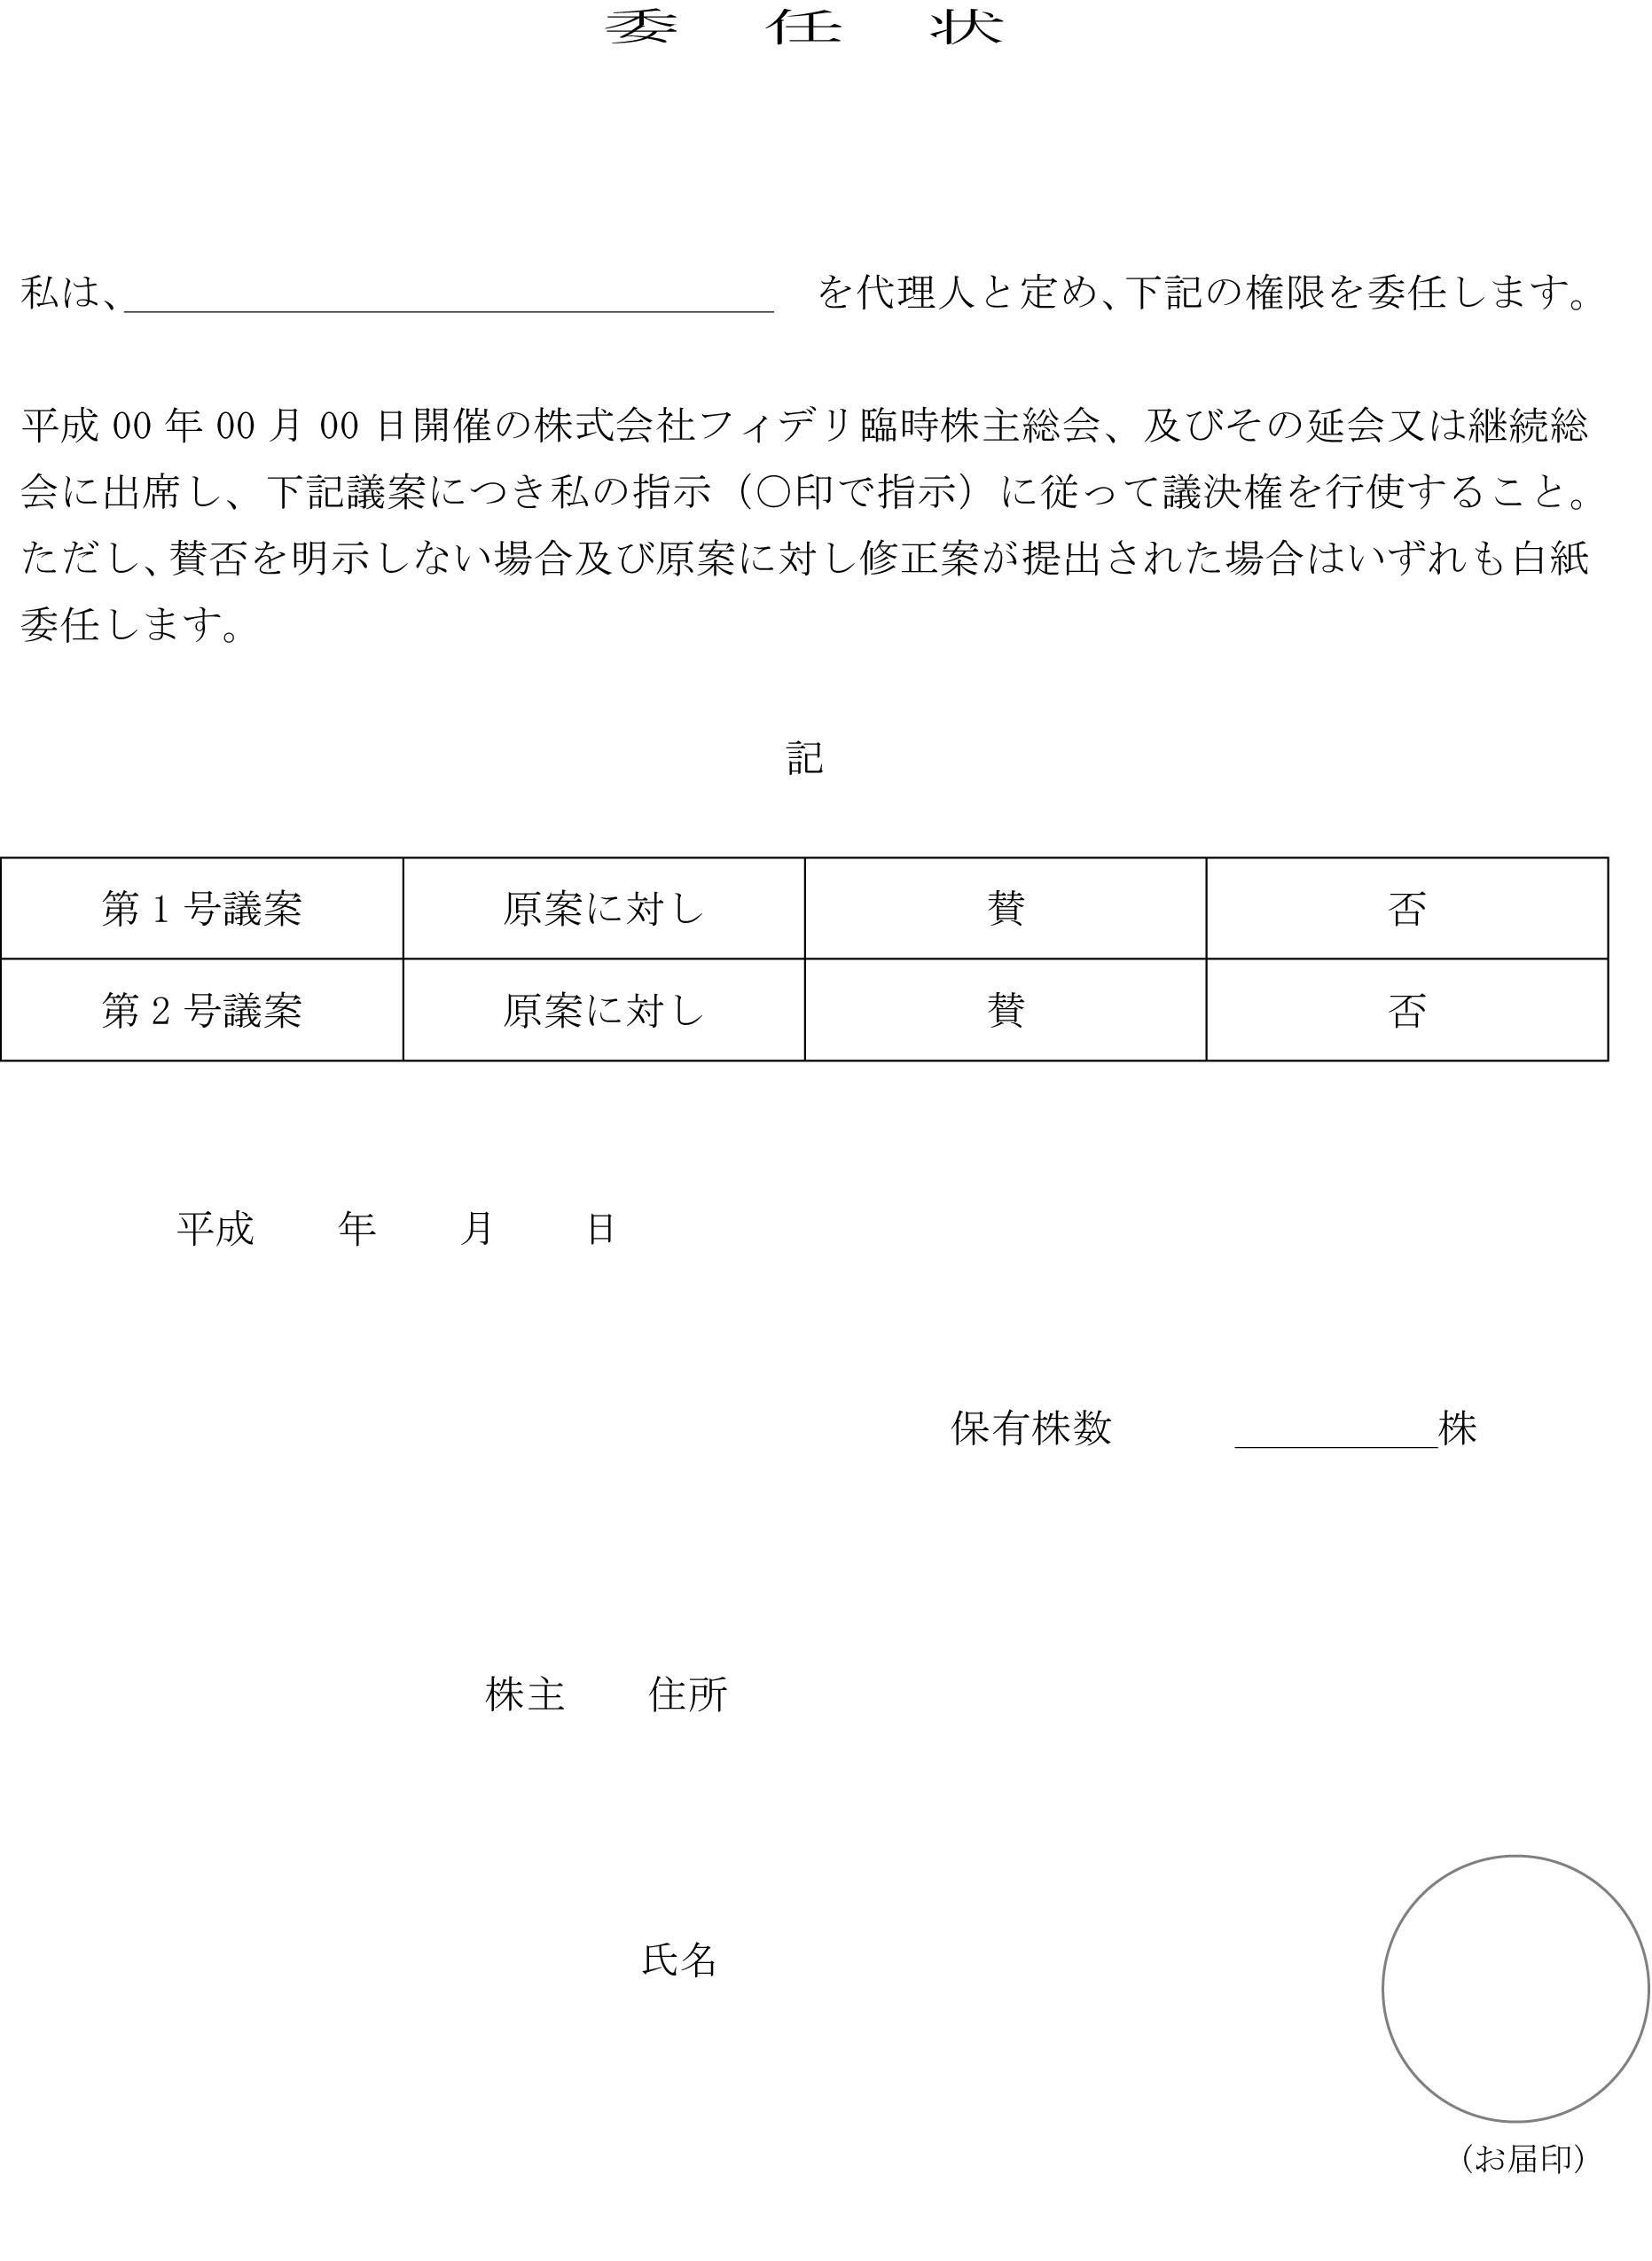 委任状04